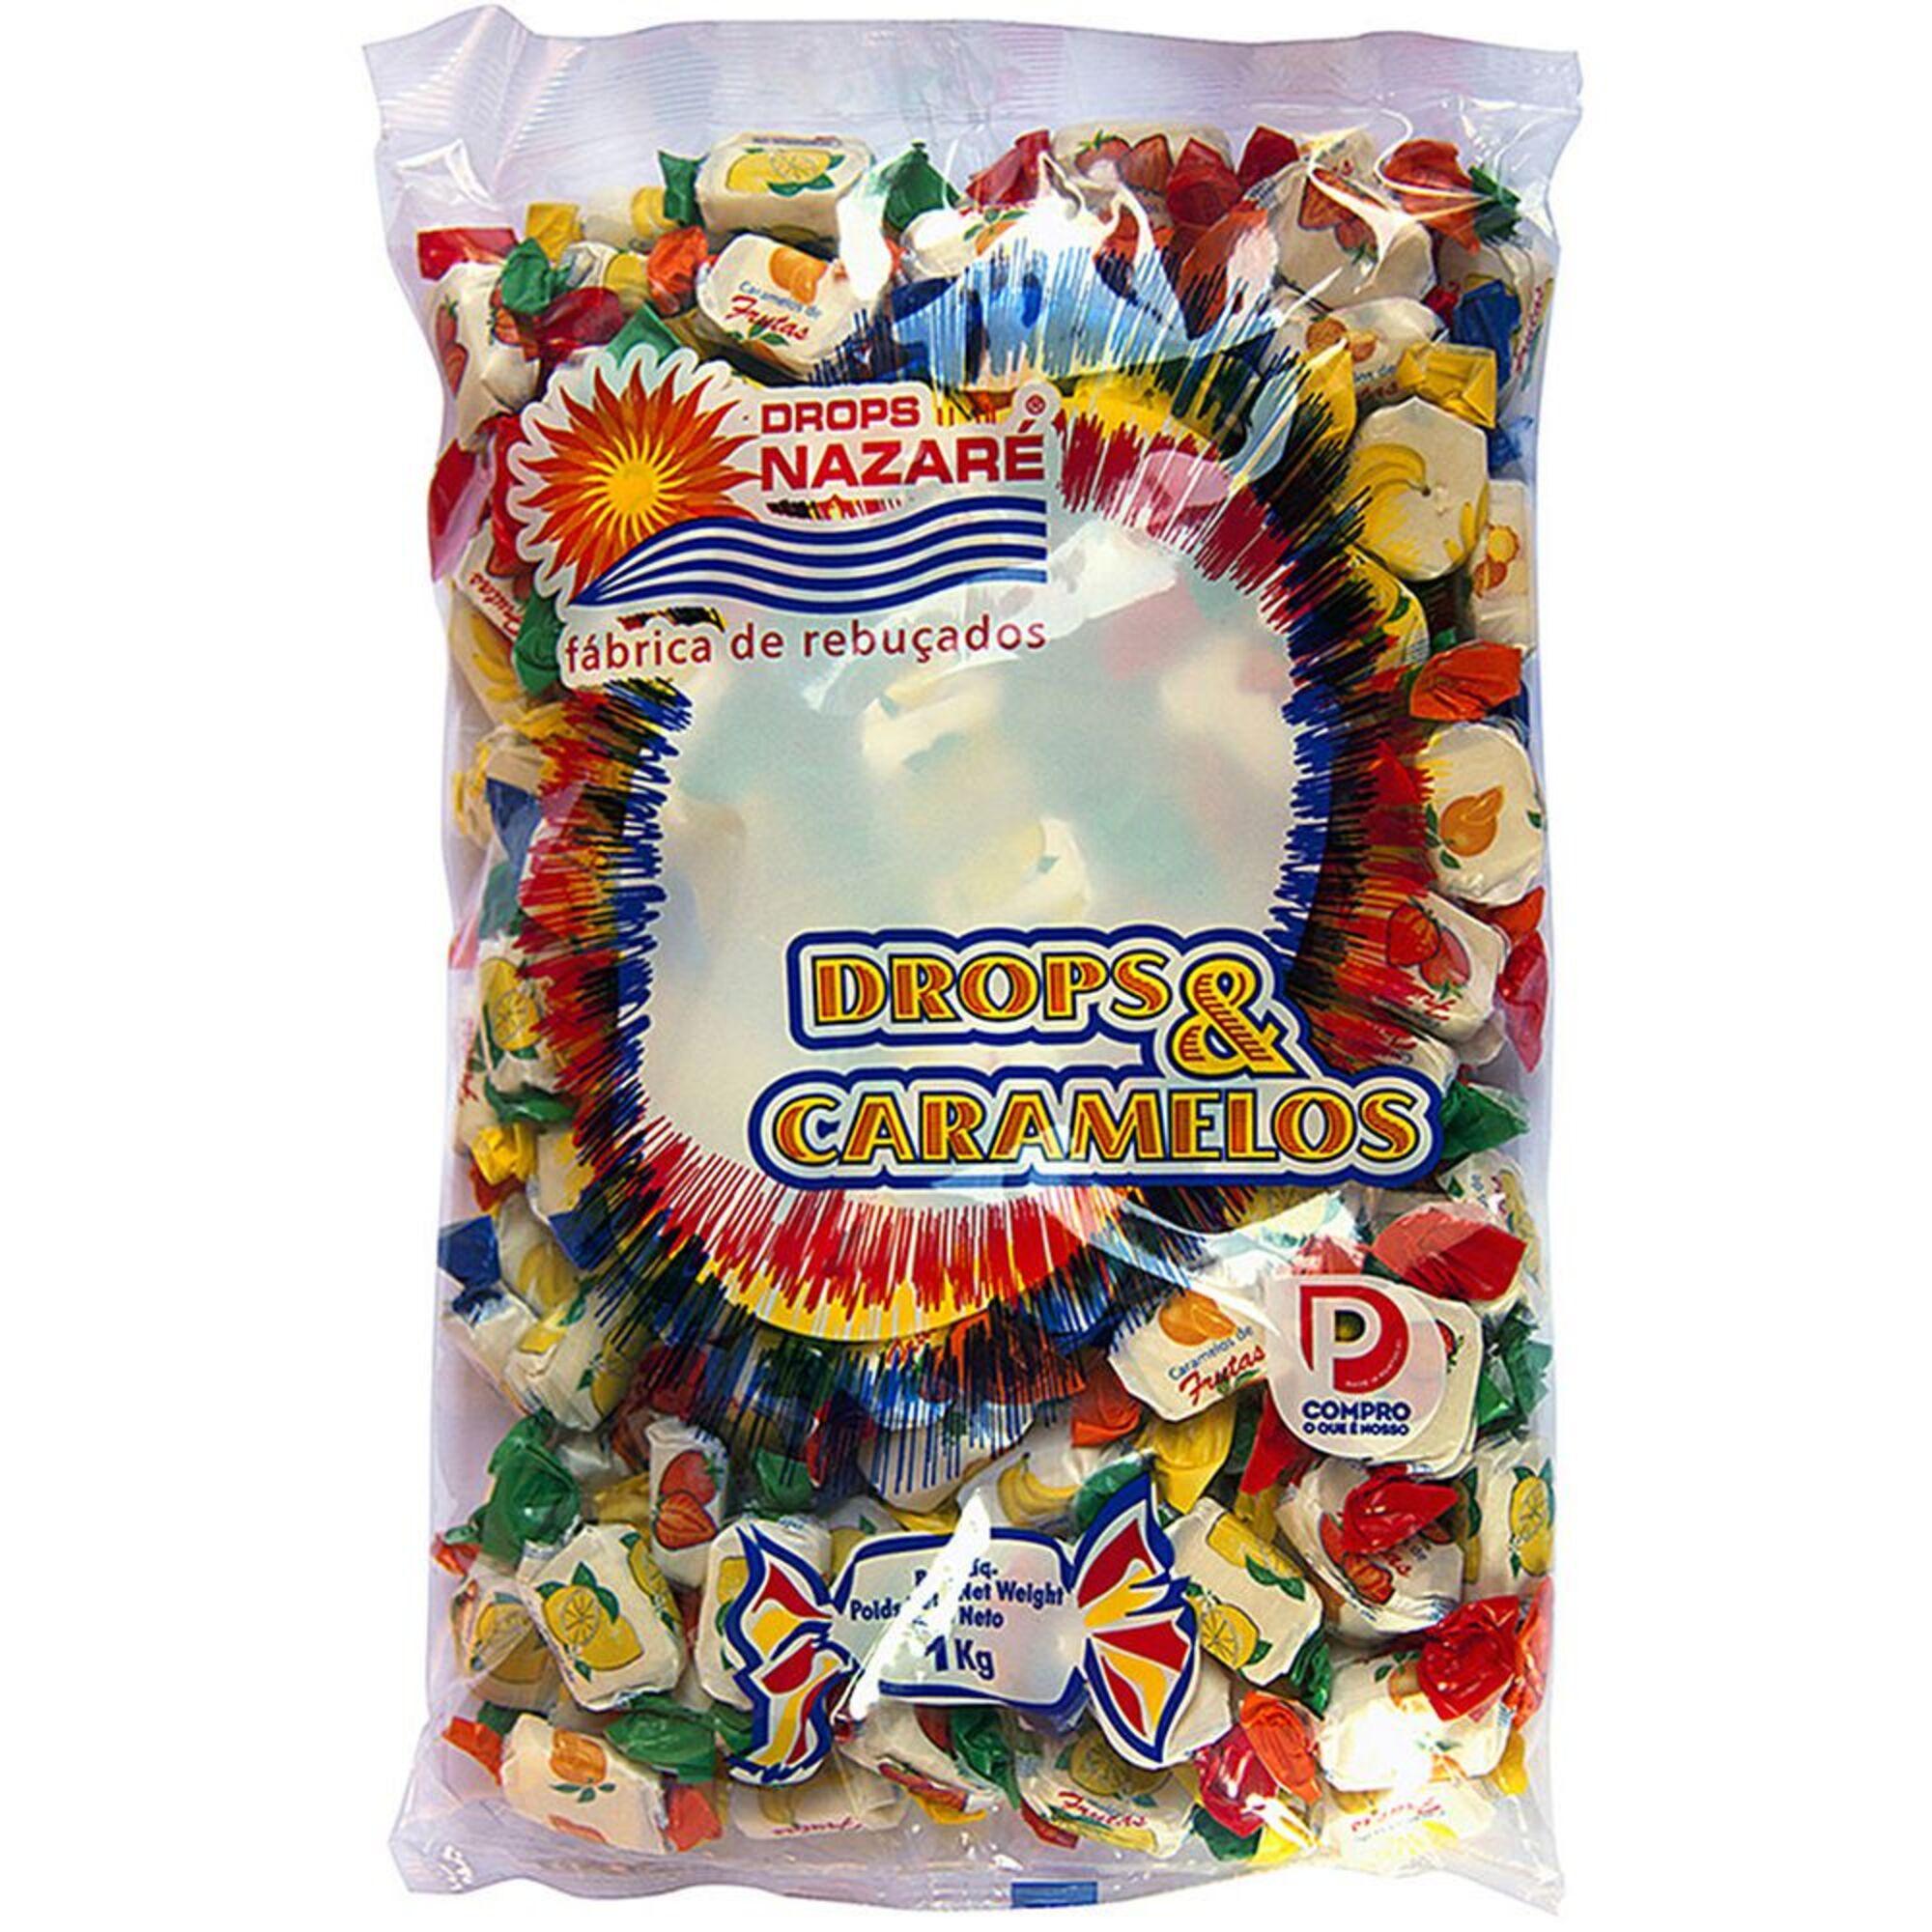 DROPS NAZARÉ - DROPS NAZARÉ Caramelos de Fruta, 1 kg